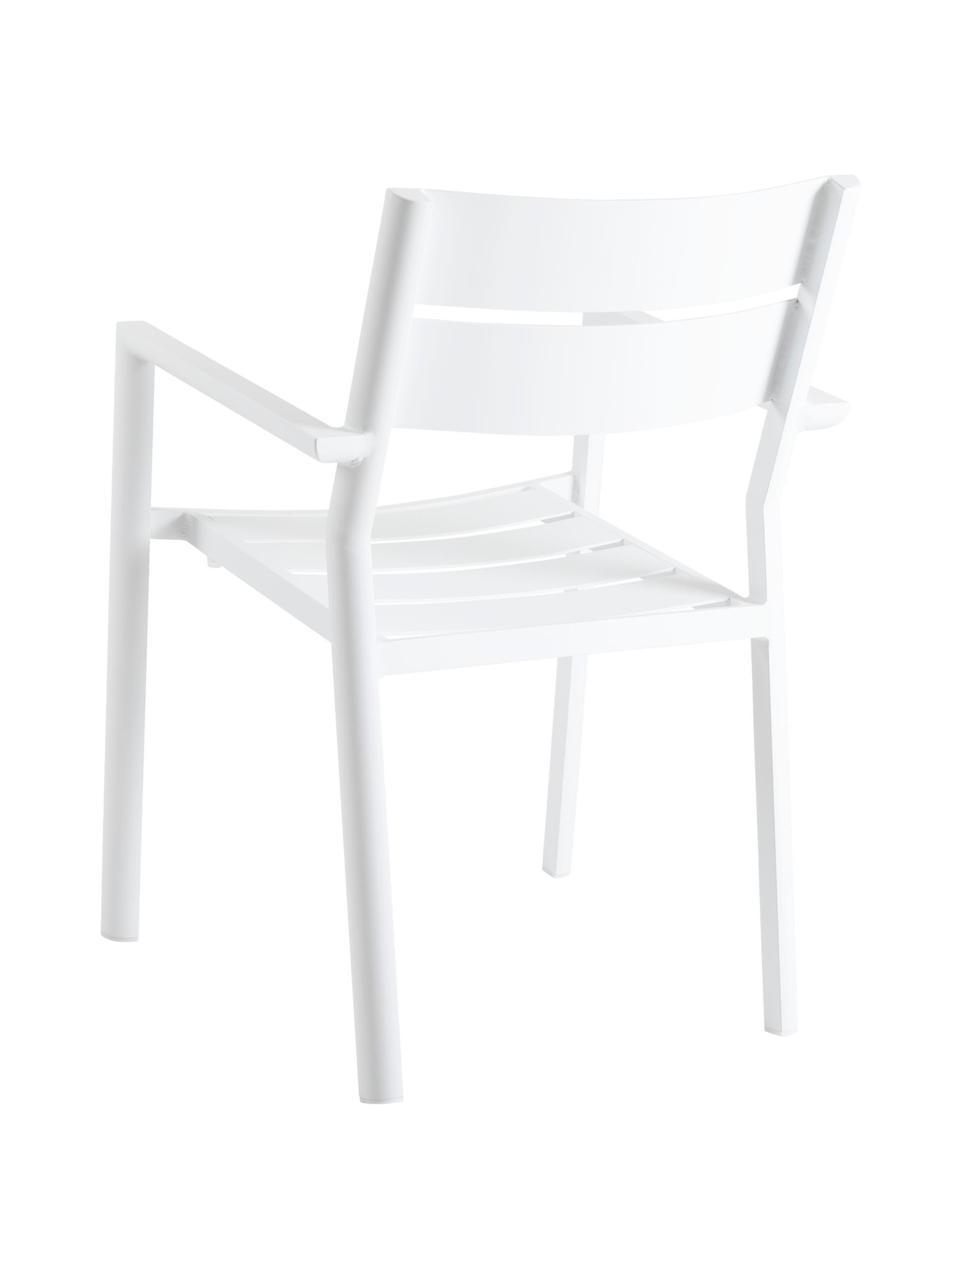 Stapelbarer Gartenstuhl Delia in Weiß, Aluminium, pulverbeschichtet, Weiß, B 55 x T 55 cm